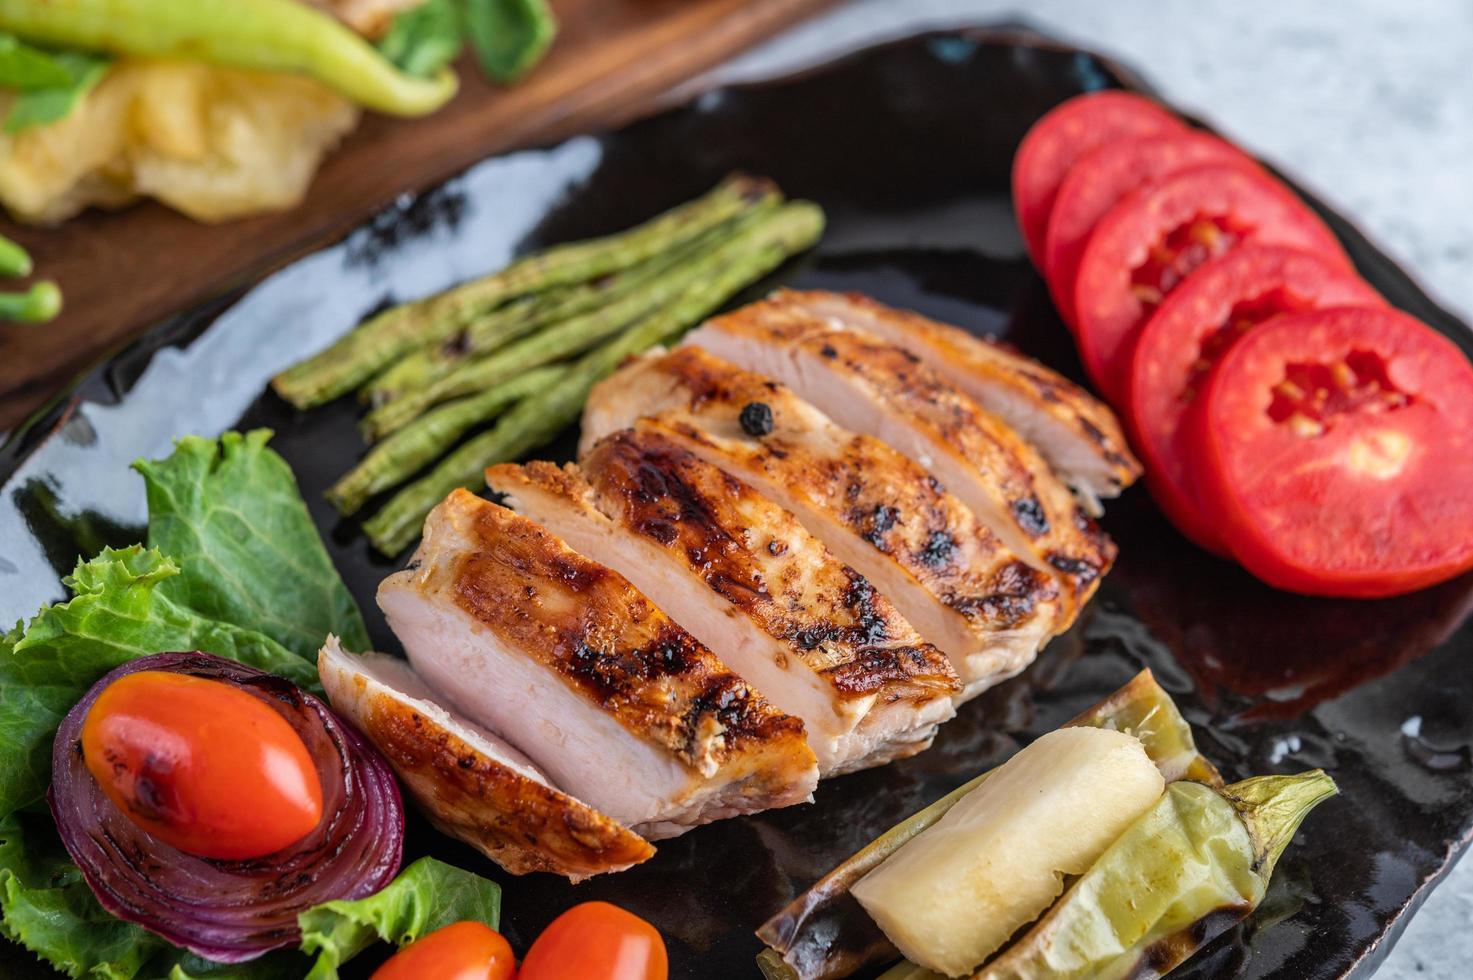 Steak de poulet avec salade de légumes sur une plaque noire photo